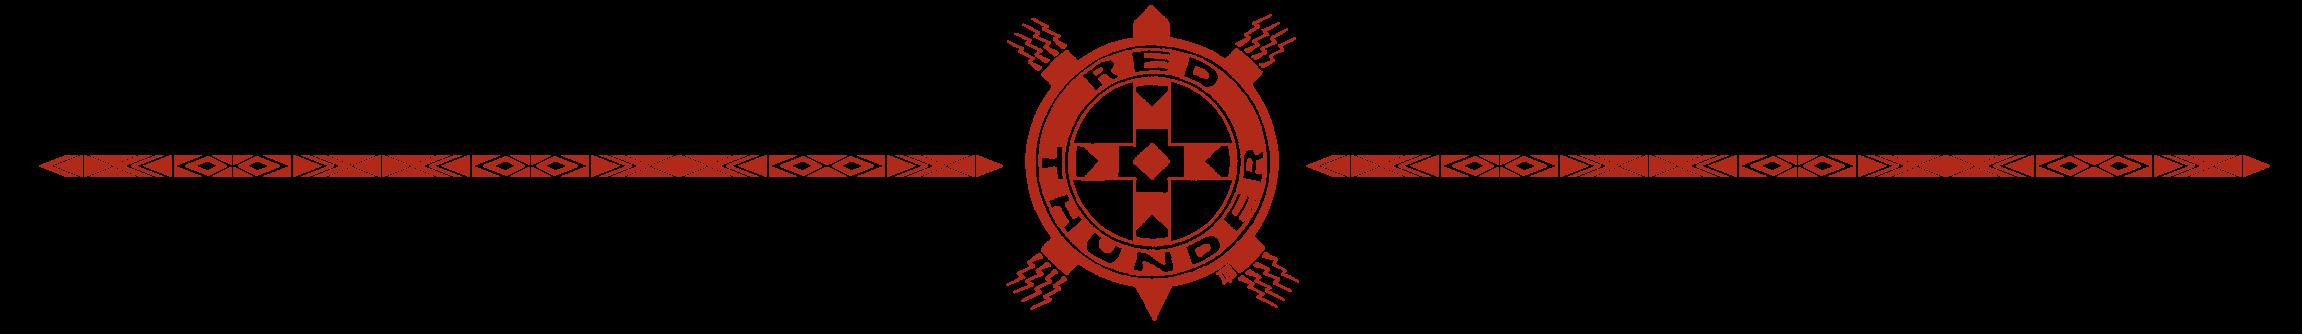 Red Thunder Divider